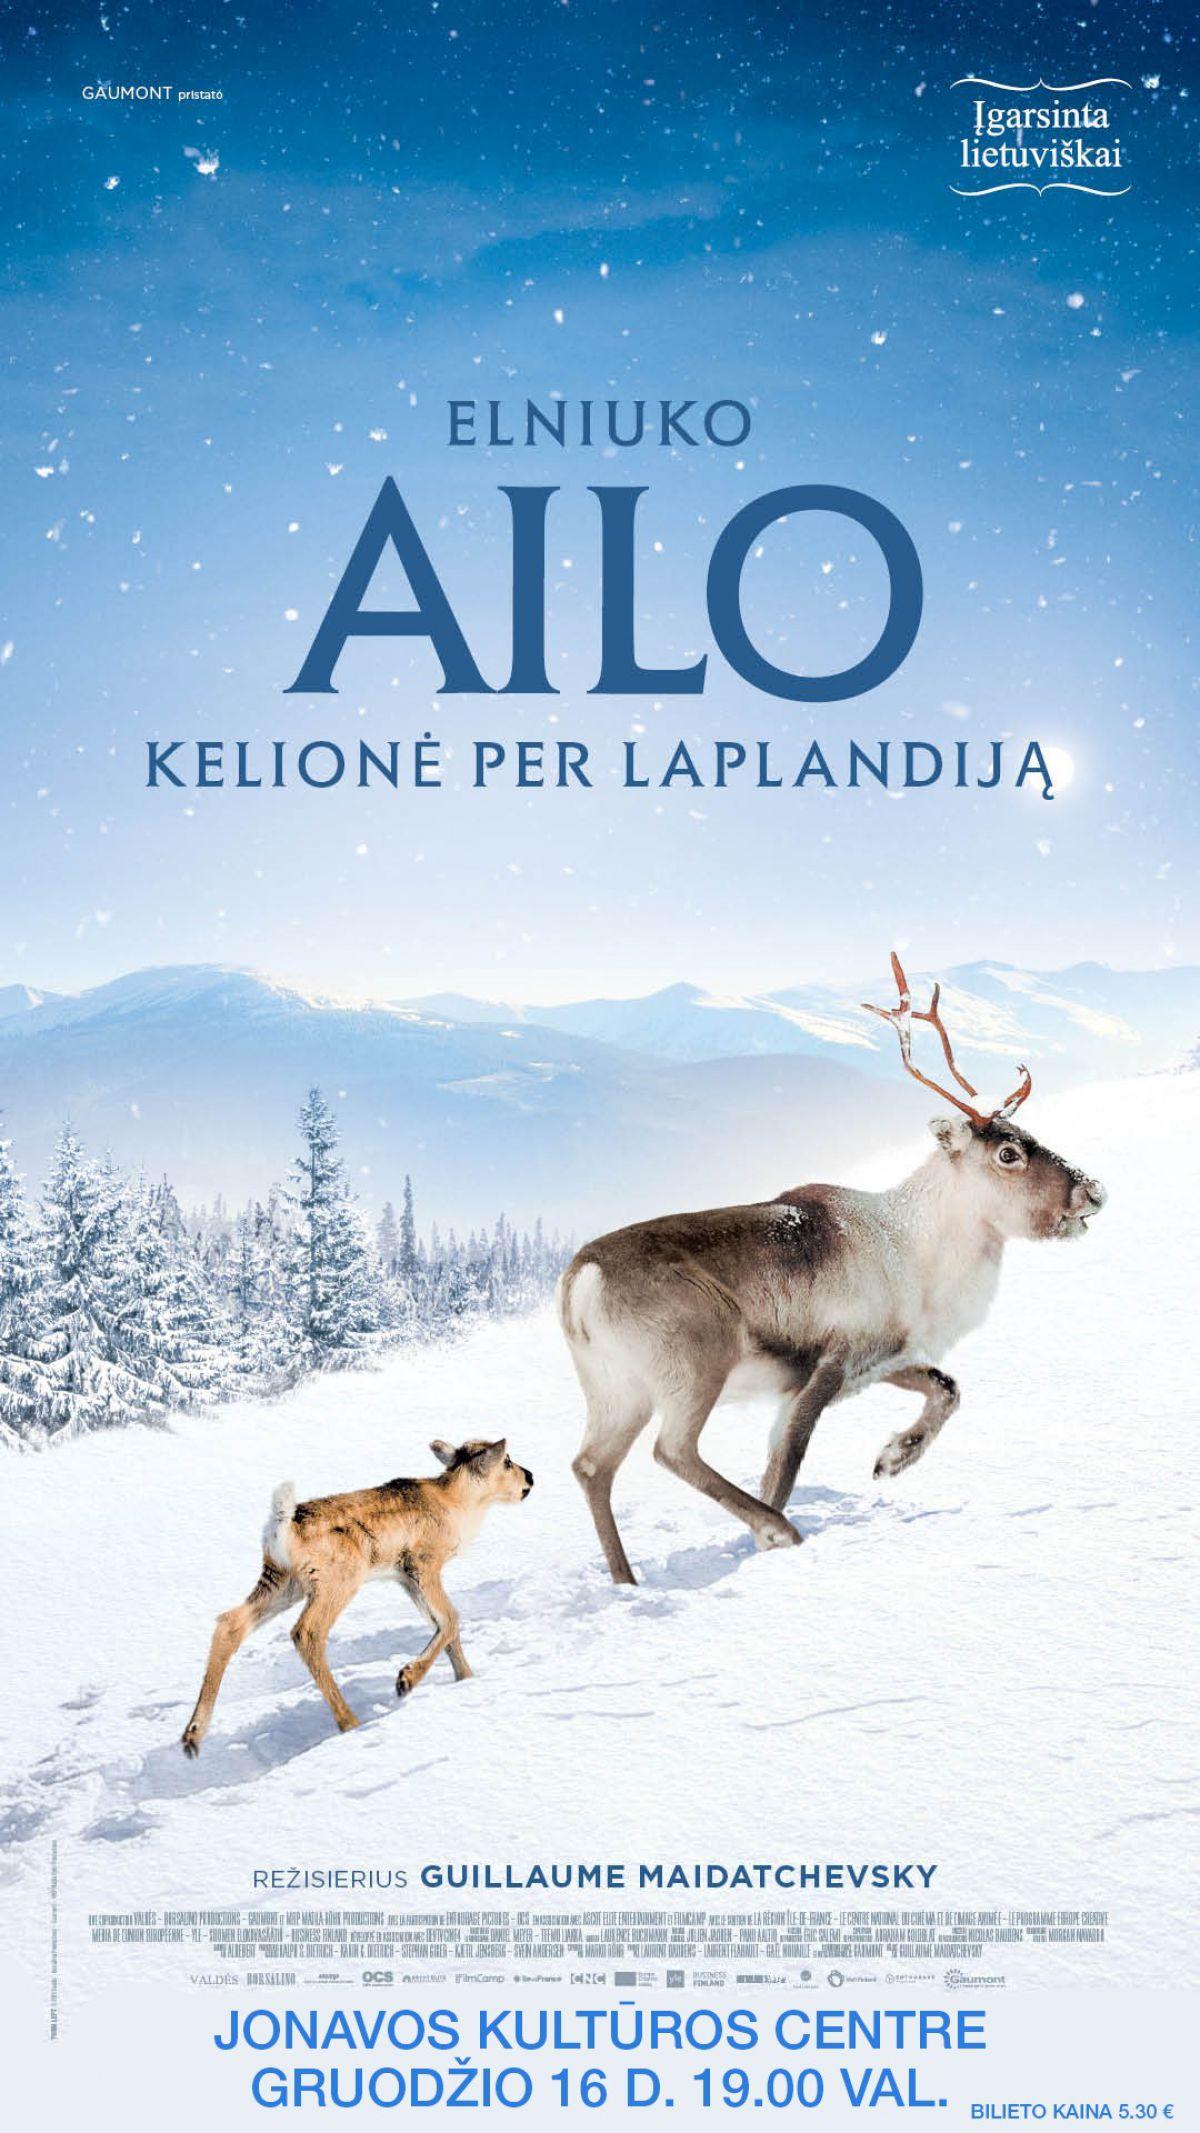 """Kino pirmadienis. Kino filmas """"Elniuko Ailo Kelionė Per Laplandija"""